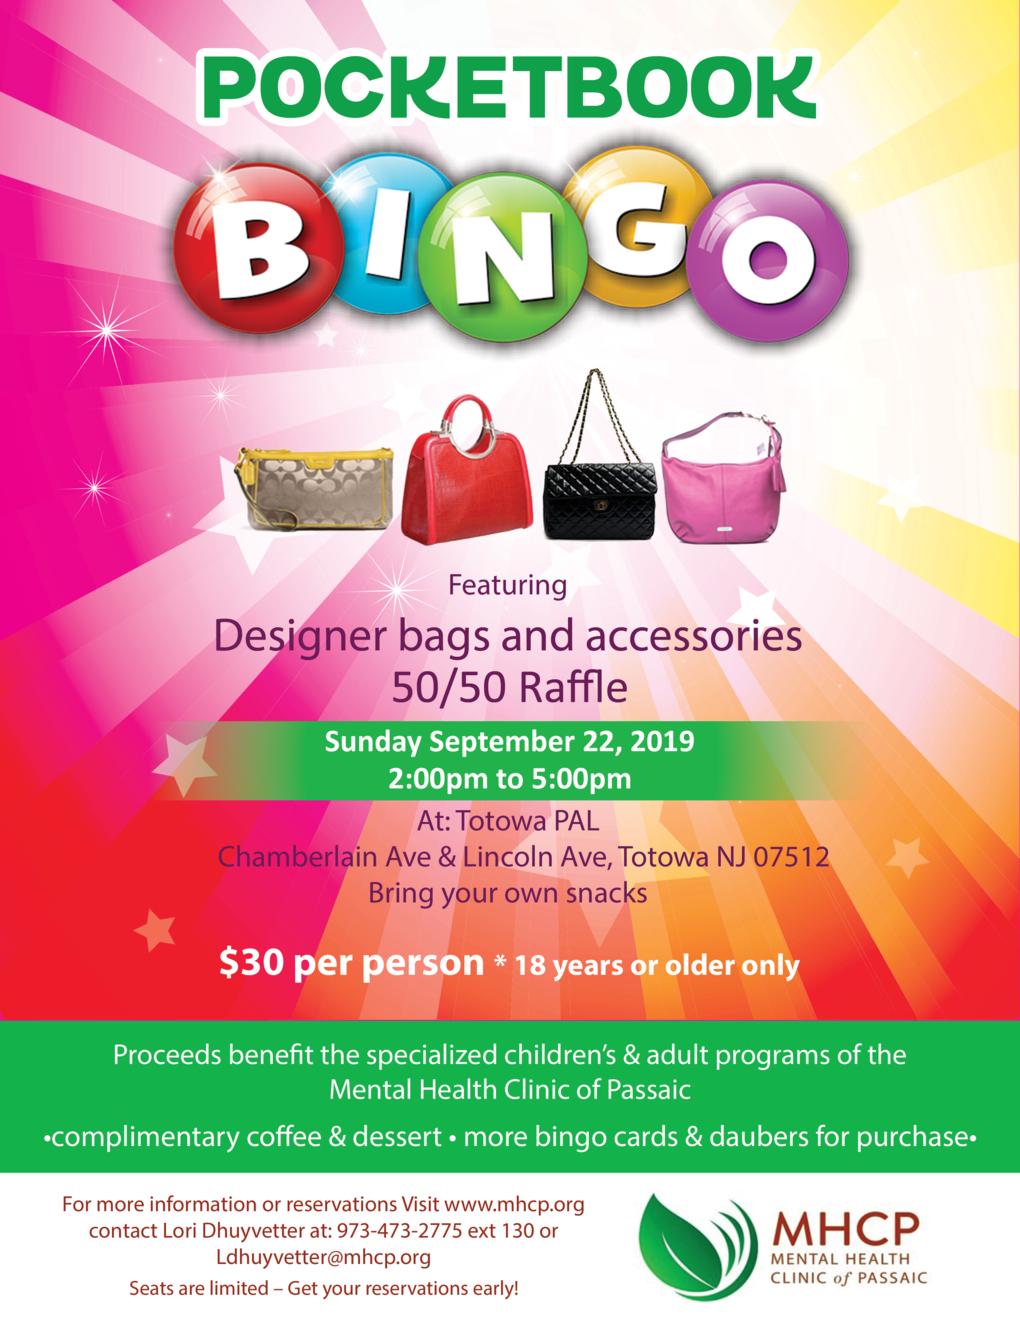 MHCP Bingp Flyer 9.22.19